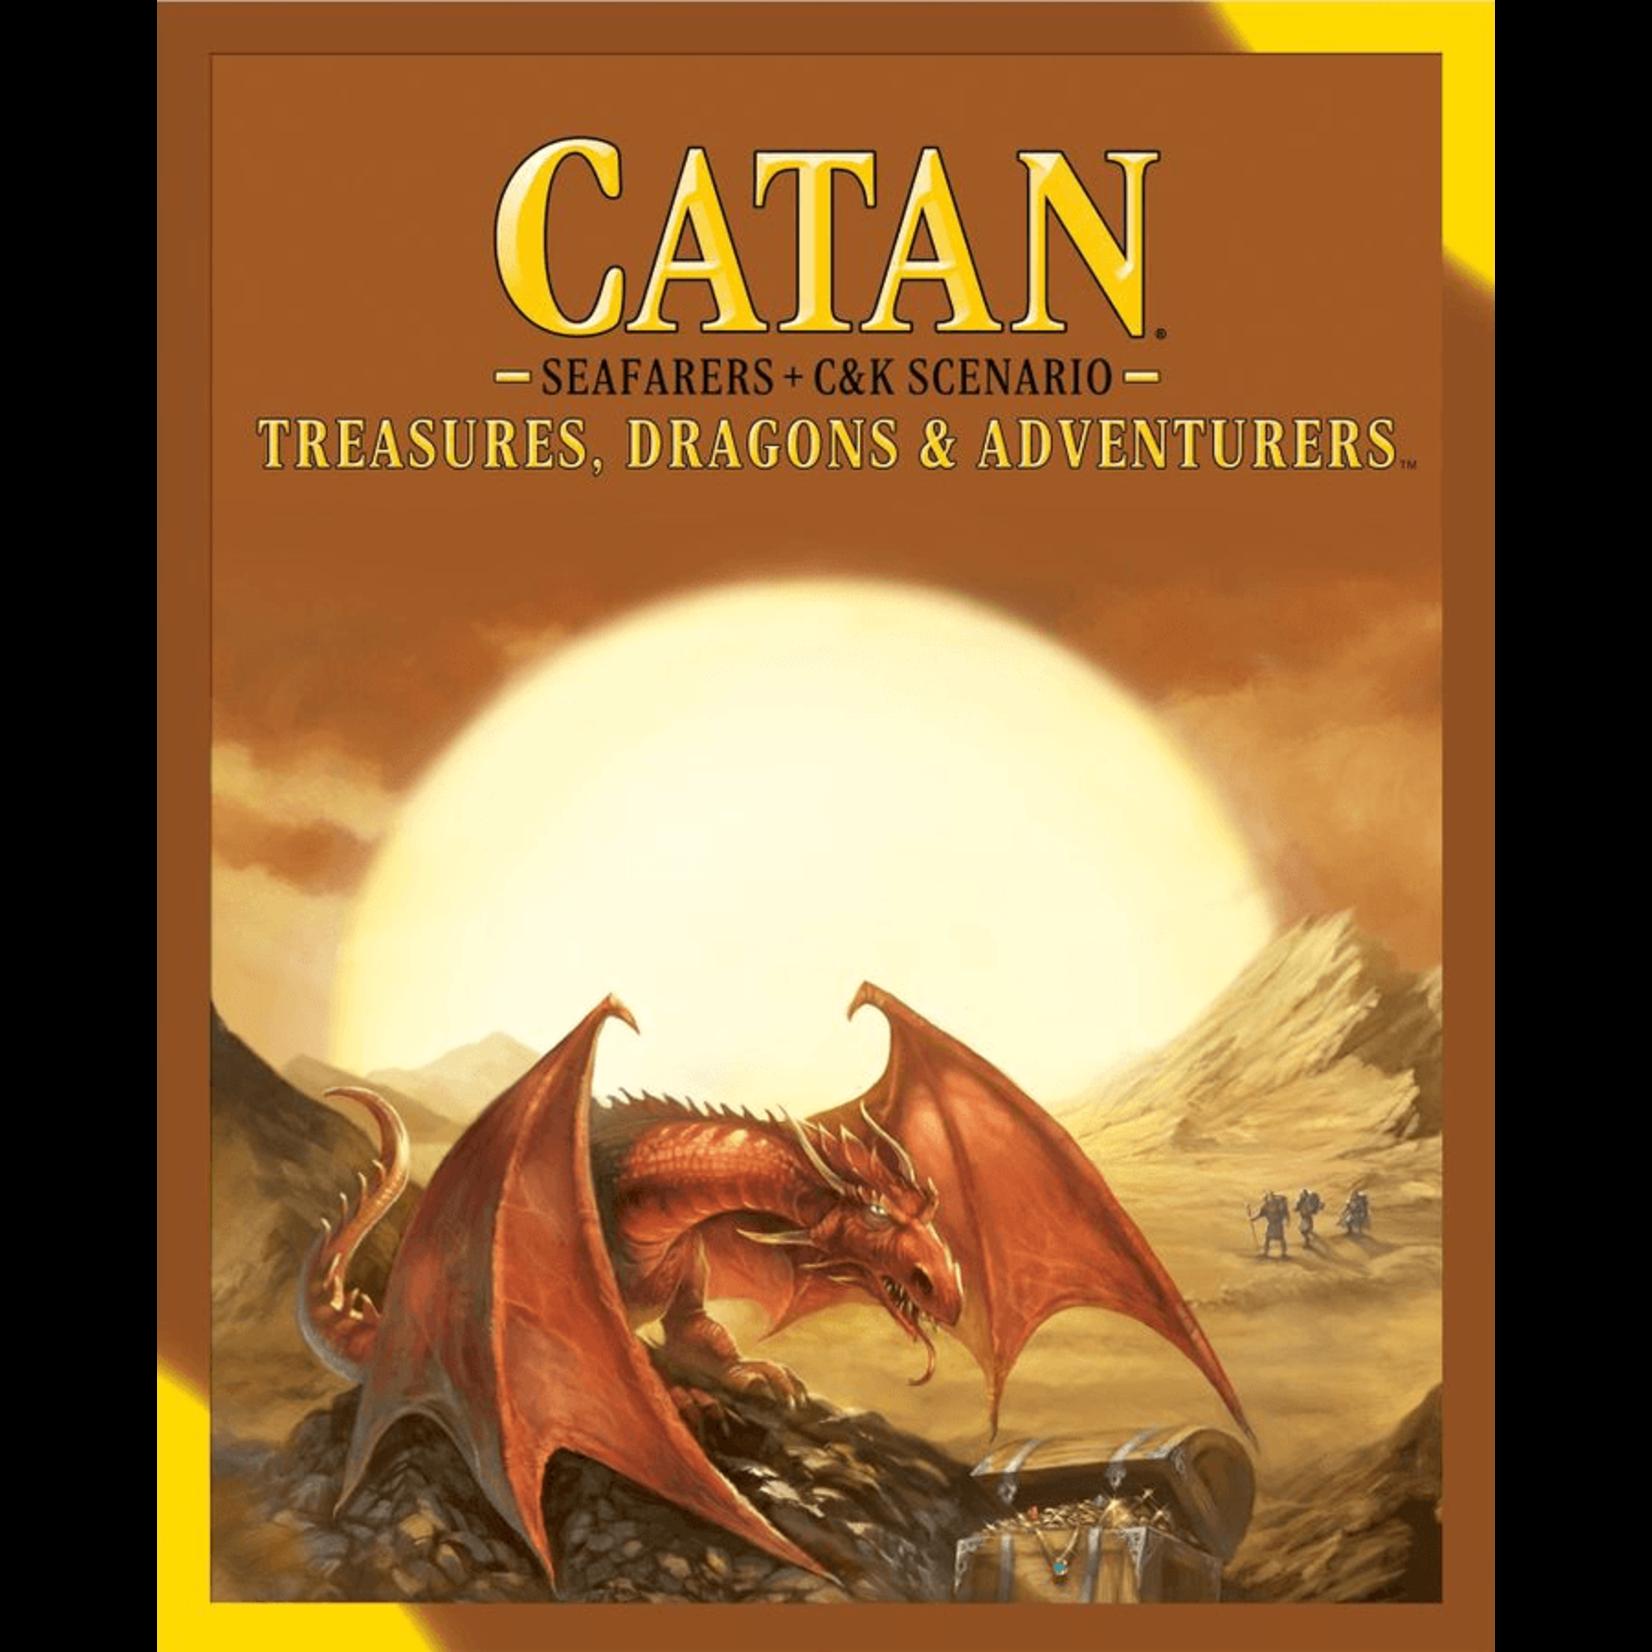 Asmodee Catan: Treasures, Dragons, & Adventures